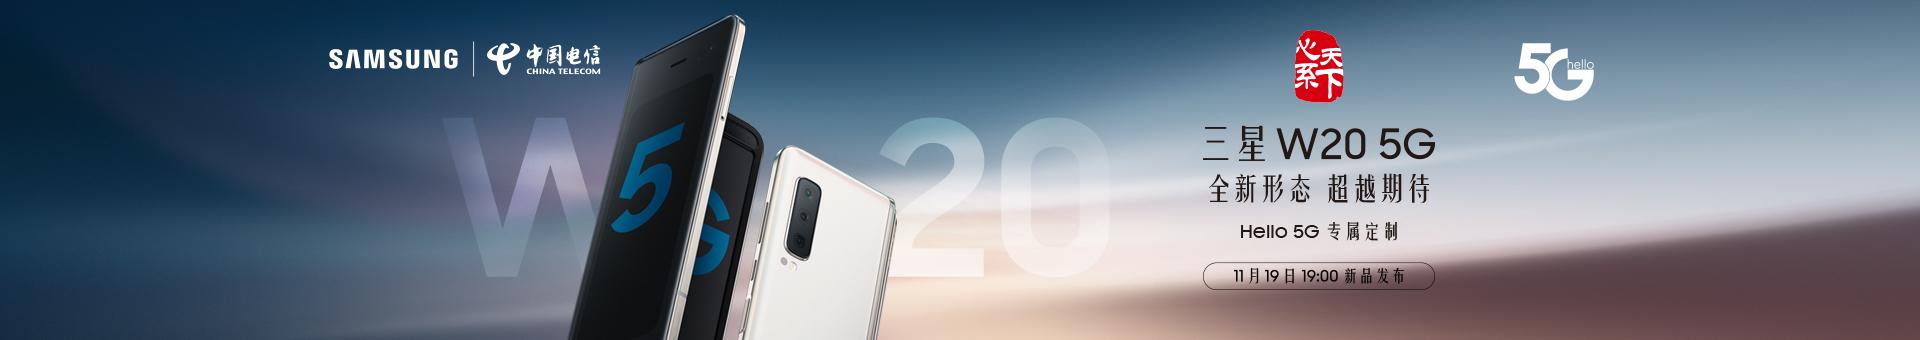 全新形态 超越期待 三星W20 5G新品发布会预告